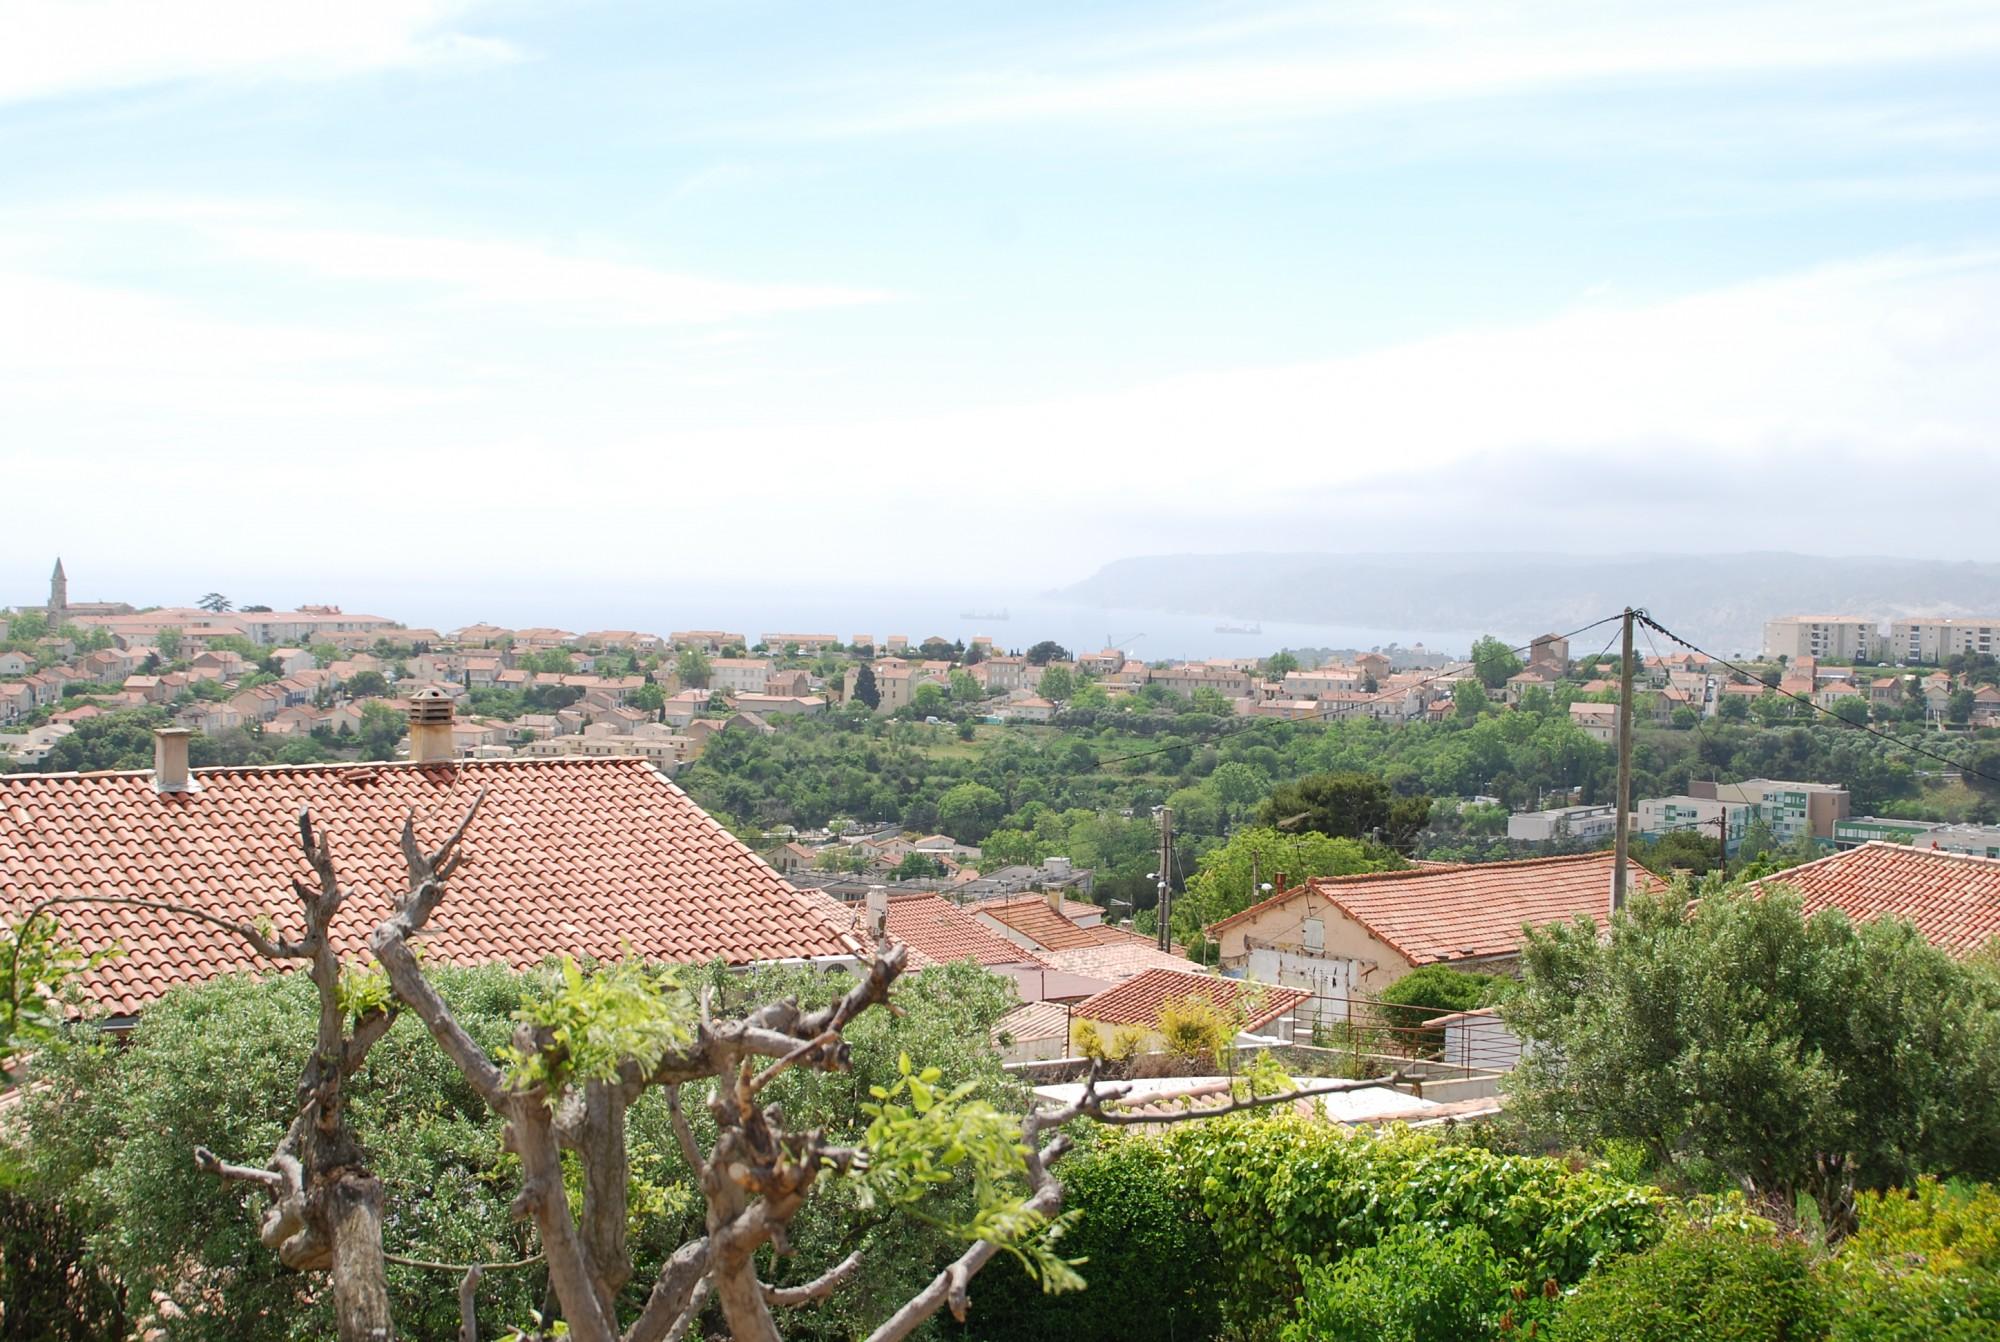 Vente Villa T5 - 13015 - Les Borels - Terrasses, jardin, garage, vue dégagée sur la mer, ...